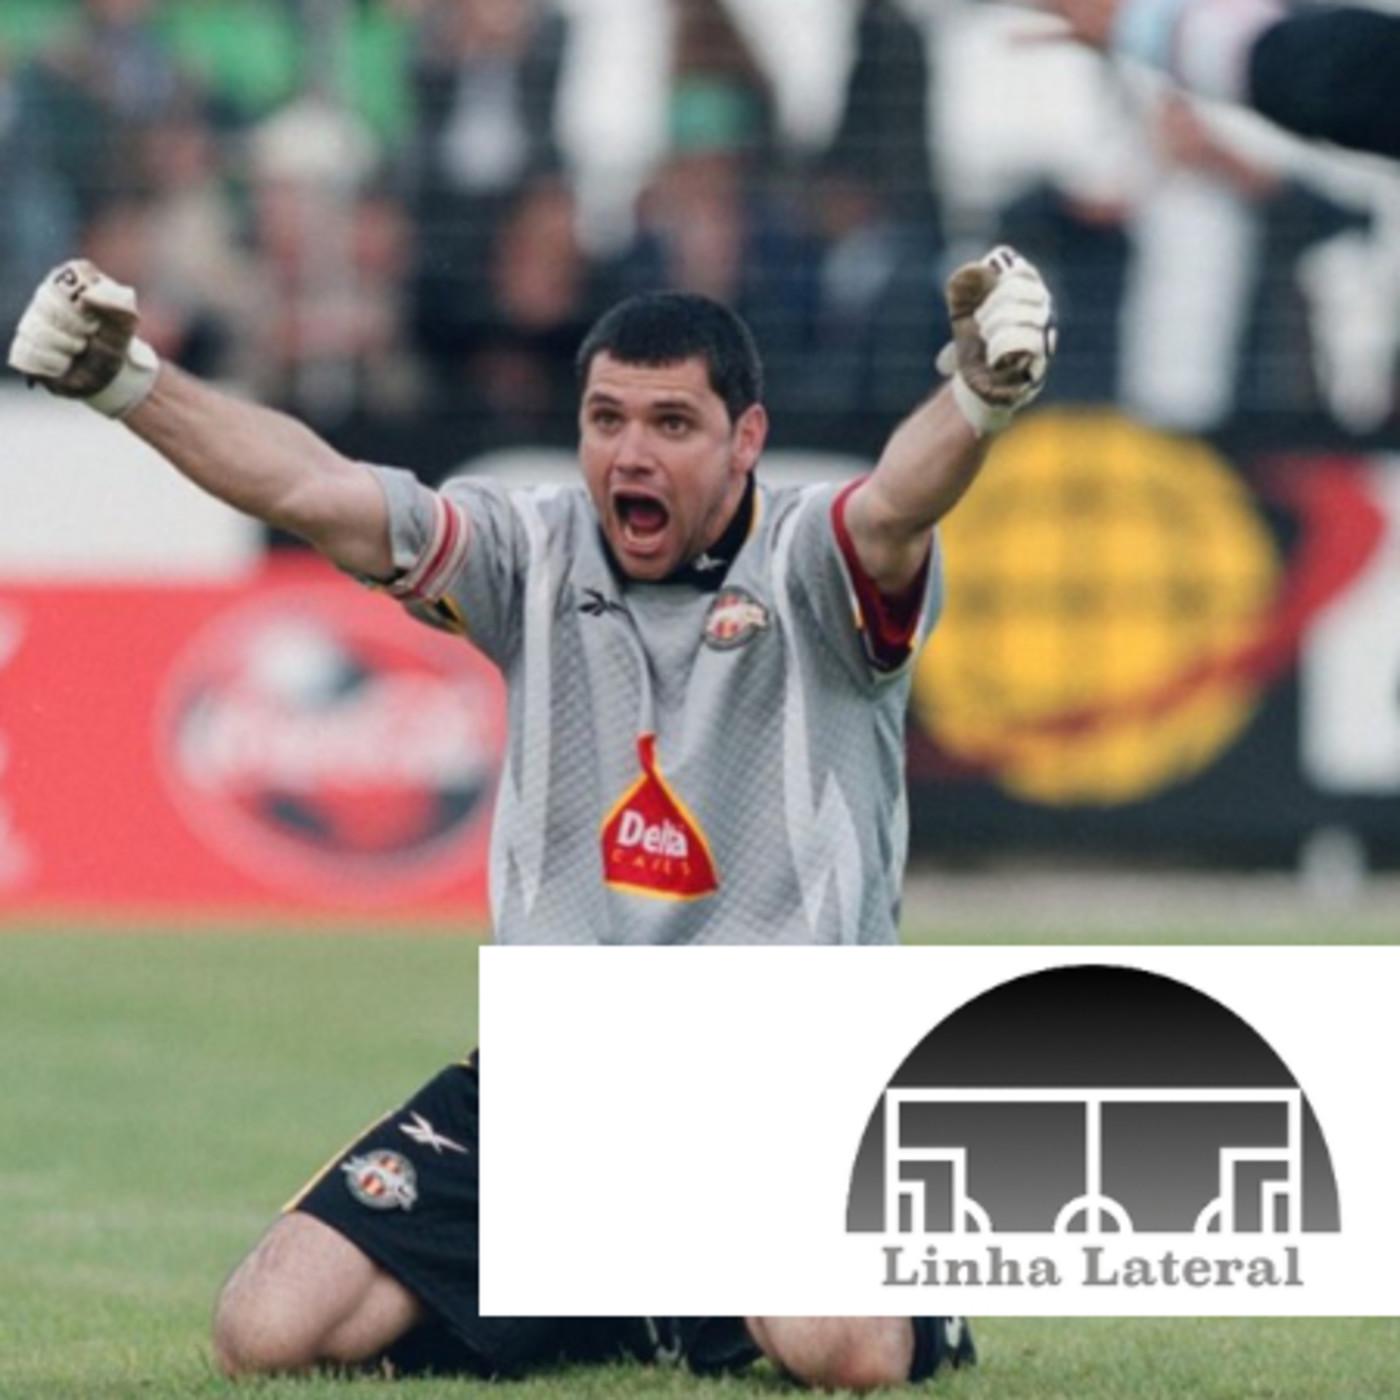 Sociedades Desportivas, Adeptos, Identidade #LinhaLateral 46